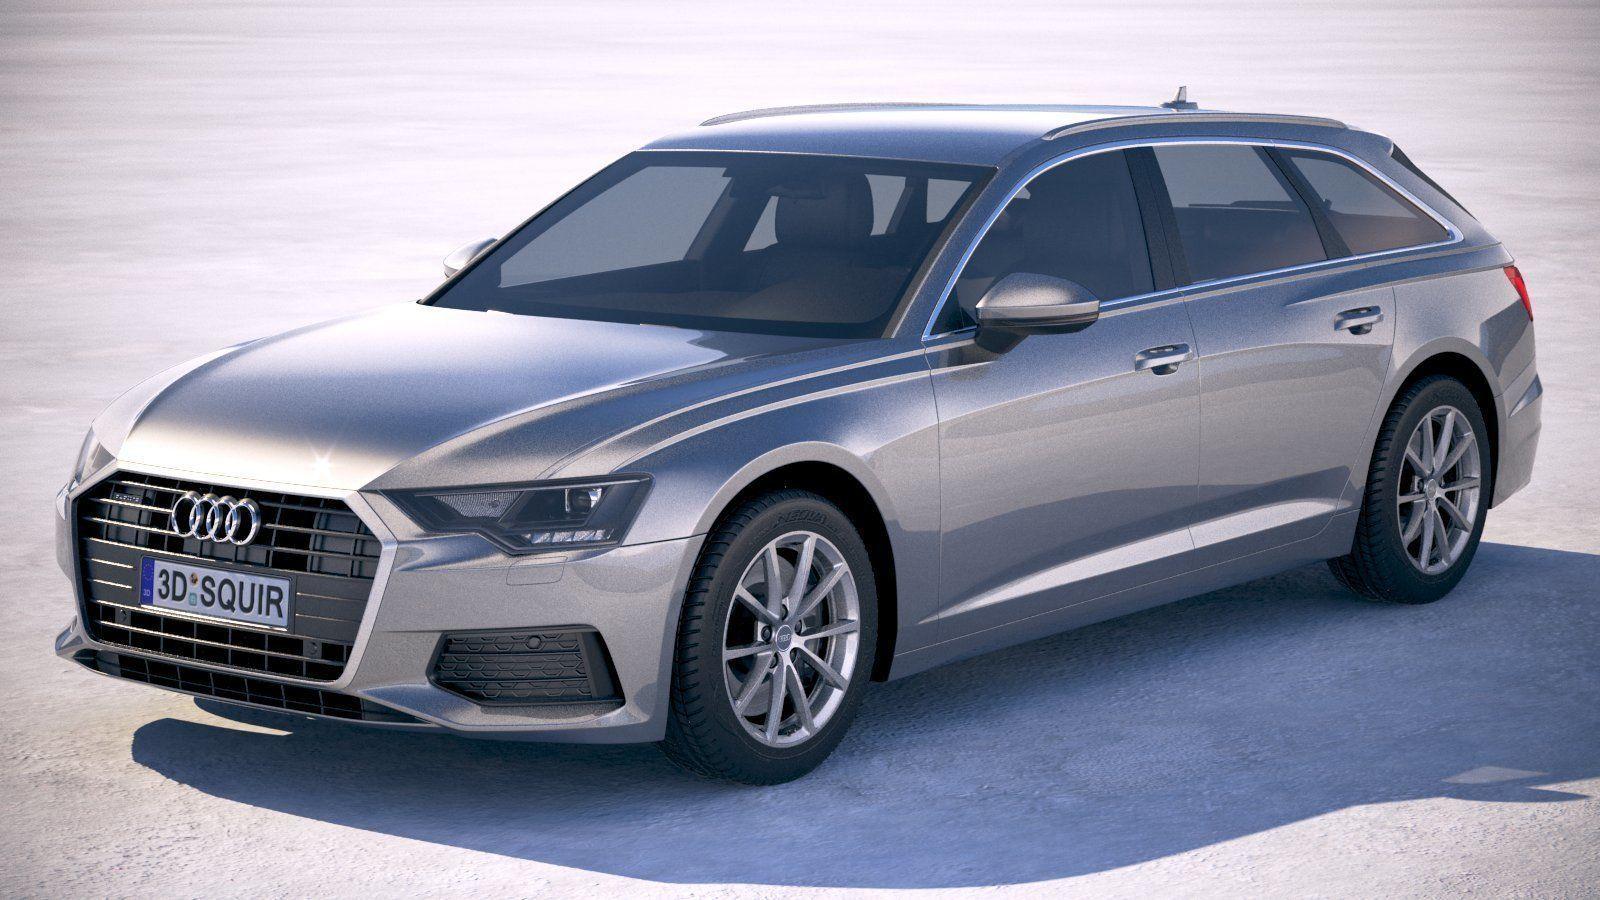 3D model Audi A6 Avant 2019 | CGTrader